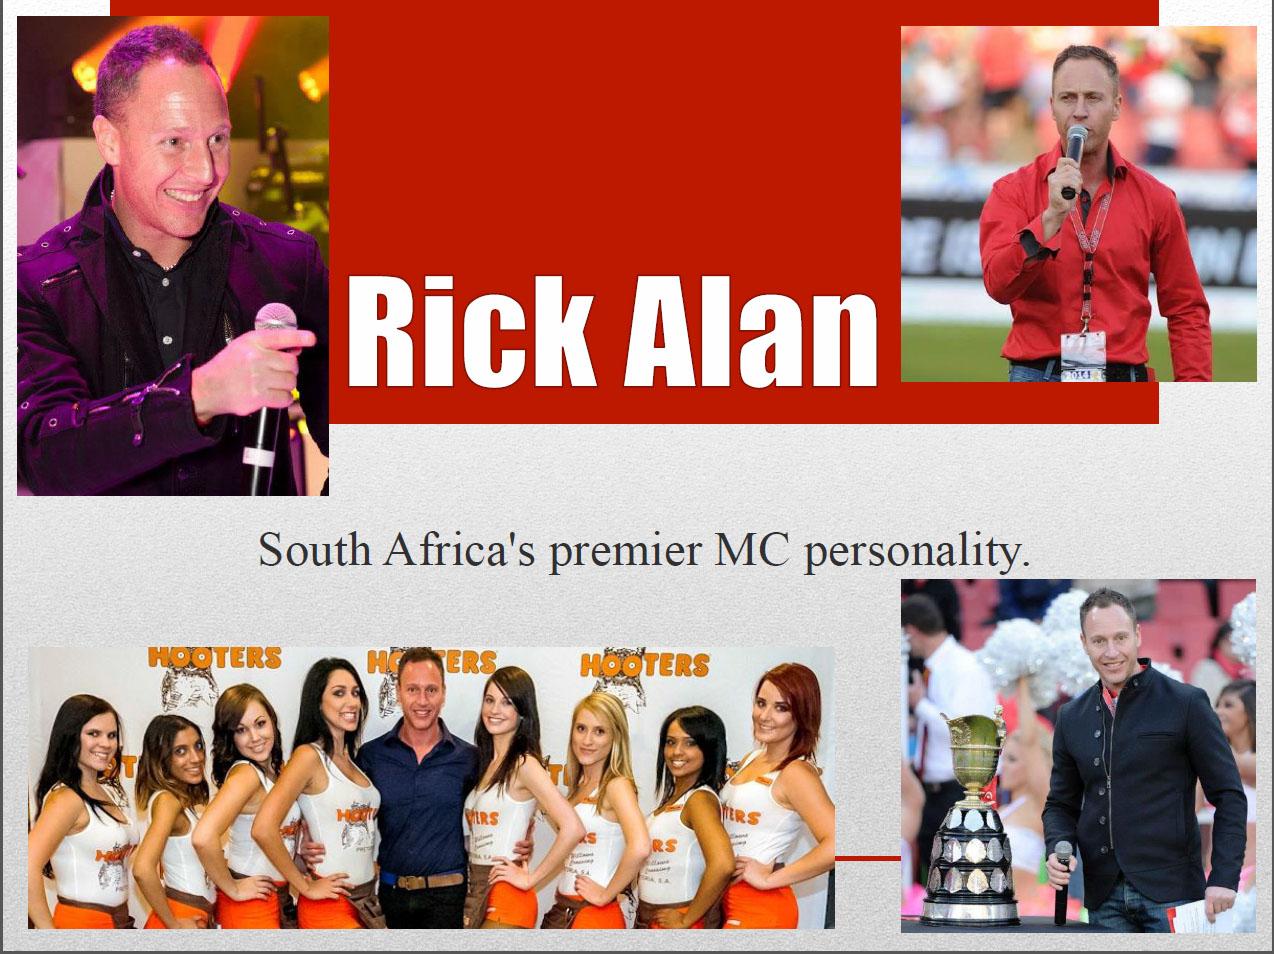 Rick Alan